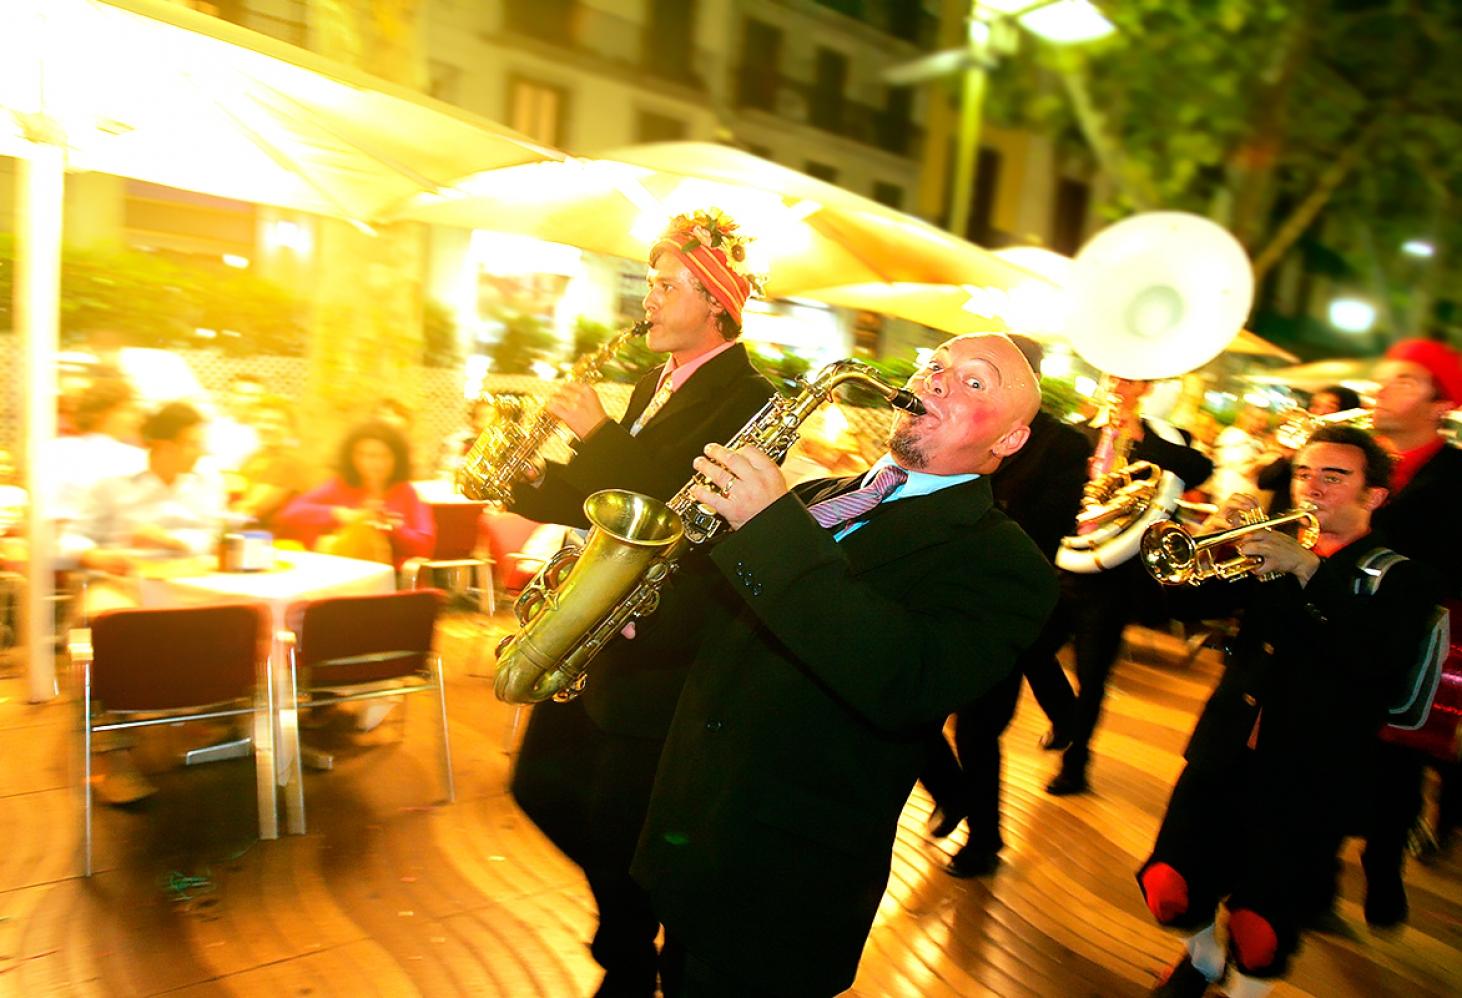 Фестиваль виски и пива в Стокгольме, Швеция (сентябрь-октябрь)